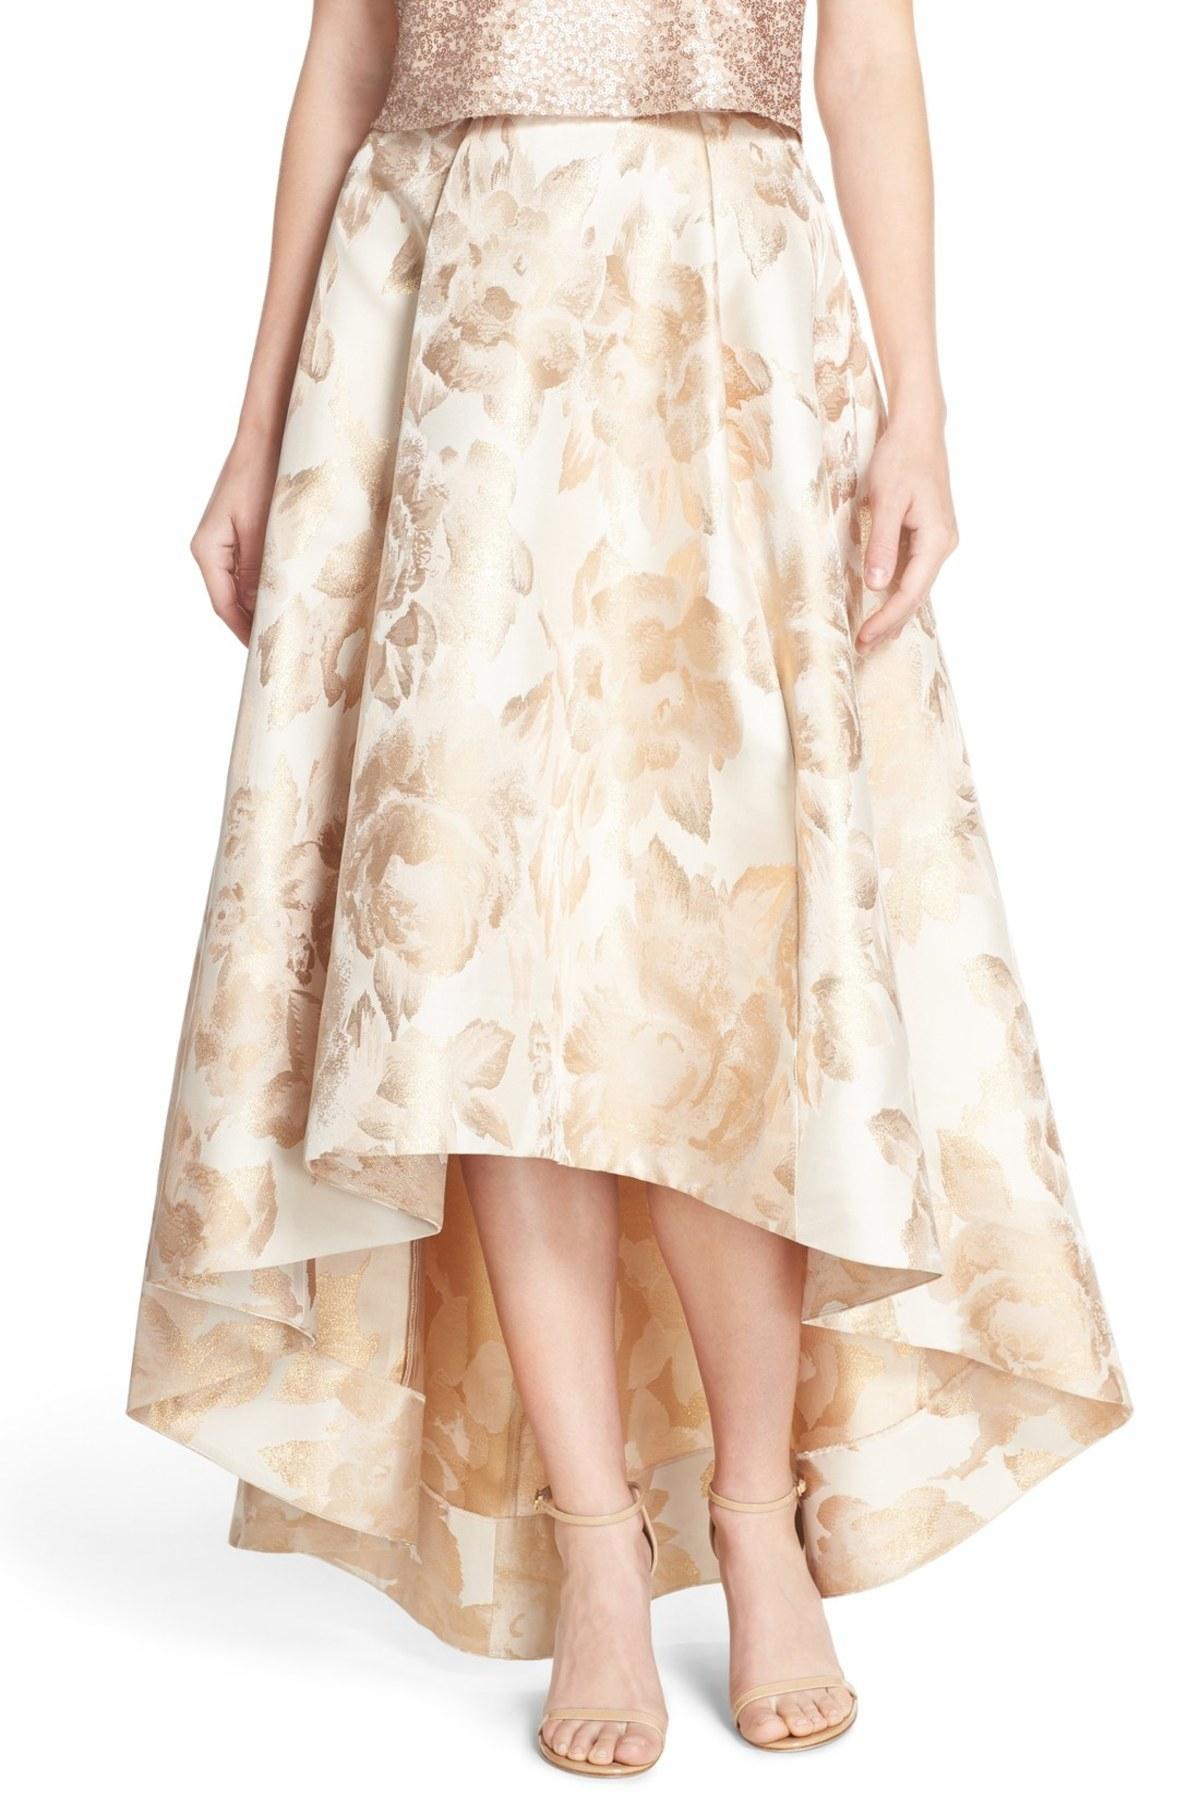 9ddd1f86528 Lyst - Eliza J Jacquard High low Ball Skirt in Metallic